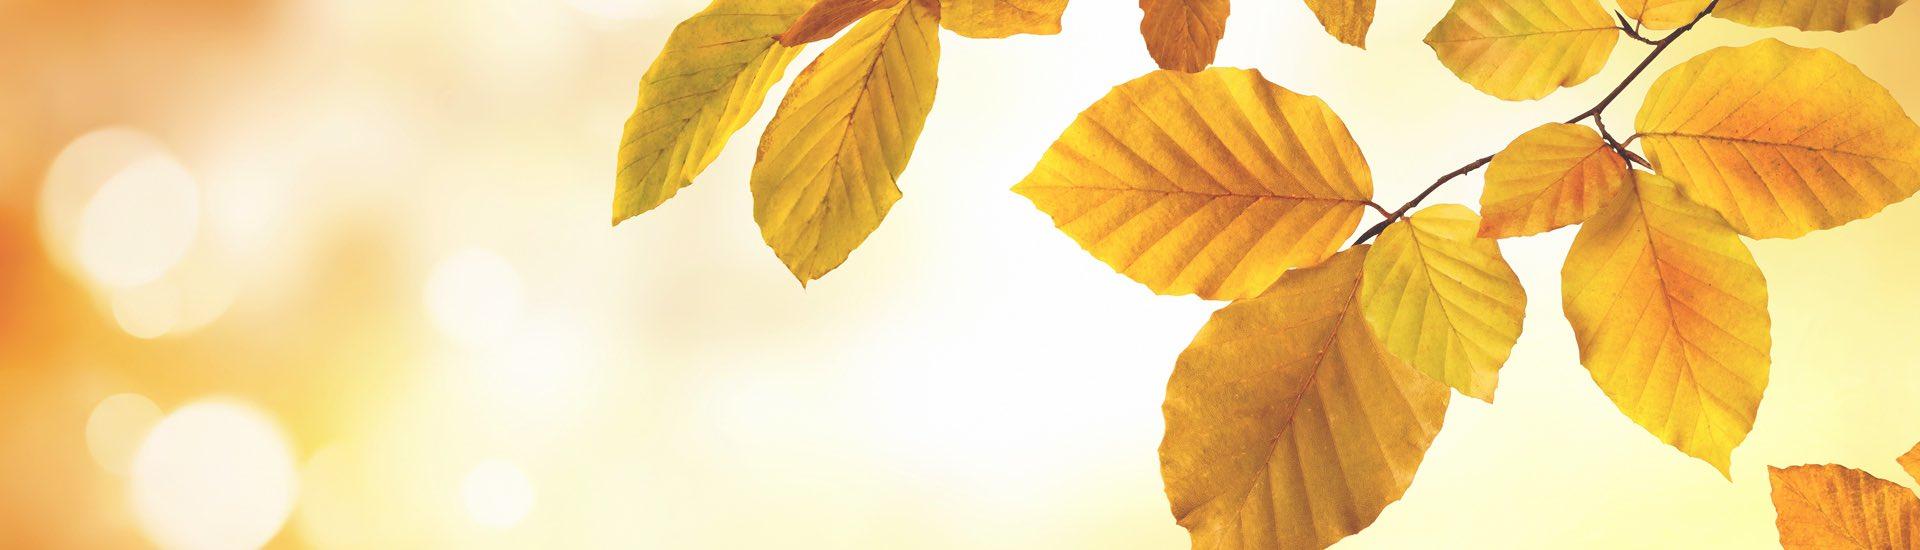 Weine - Vinorama Bestseller zu Top-Preisen! 10/2017 - Slider